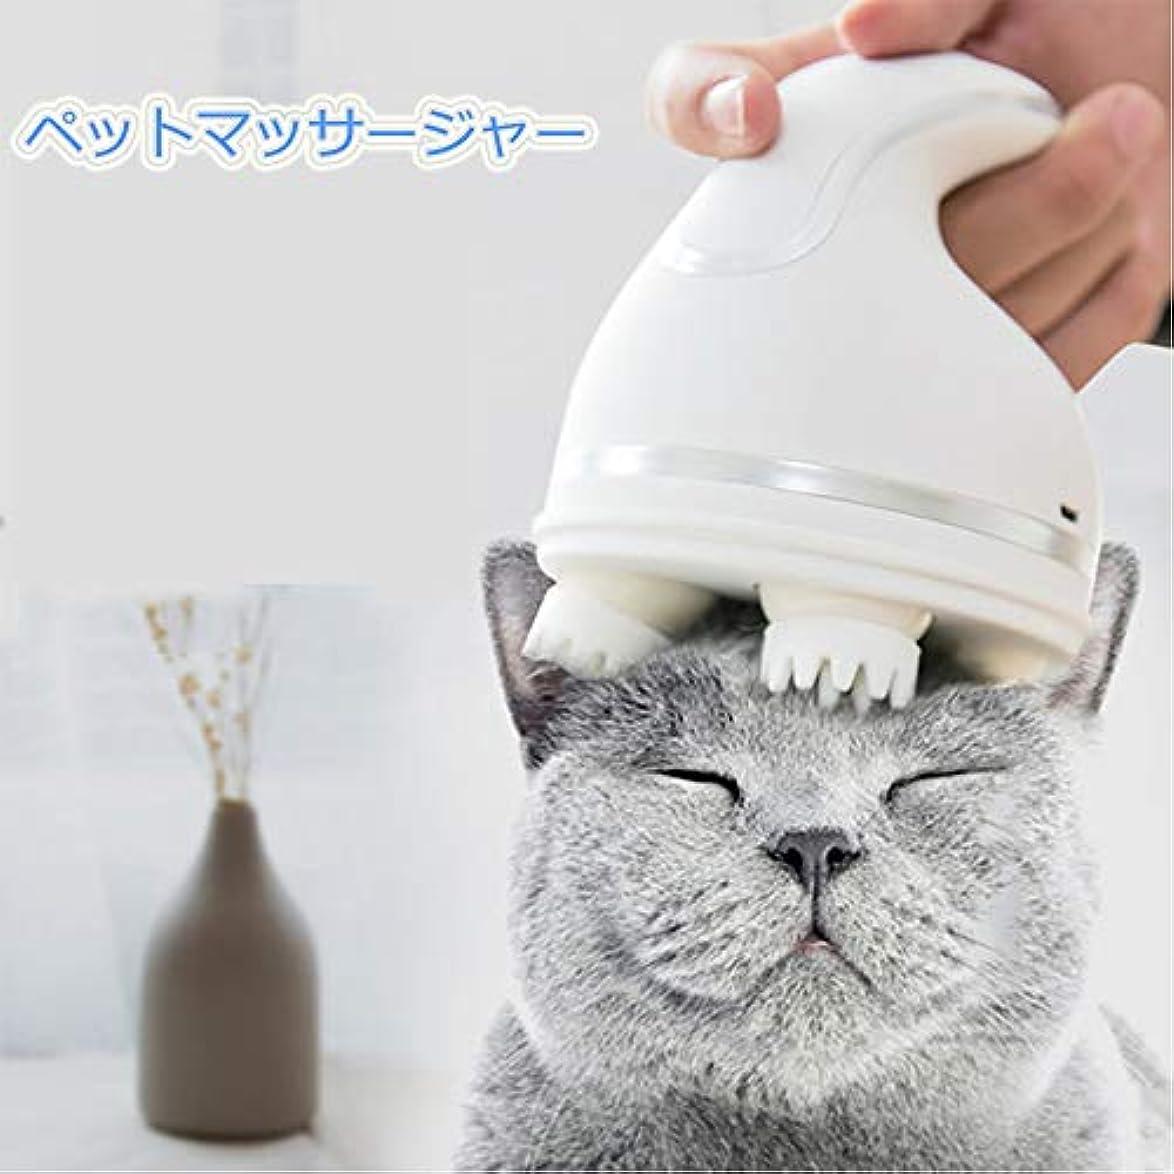 後世プロジェクターペンフレンドペットマッサージャー 猫マッサージ ヘッドマッサージャー 電動 ヘッドマッサージ器 猫マッサージ器 多機能 ヘッドスパ 発毛促進 血液の循環を促進する USB充電 ペット用品 ペットマッサージ